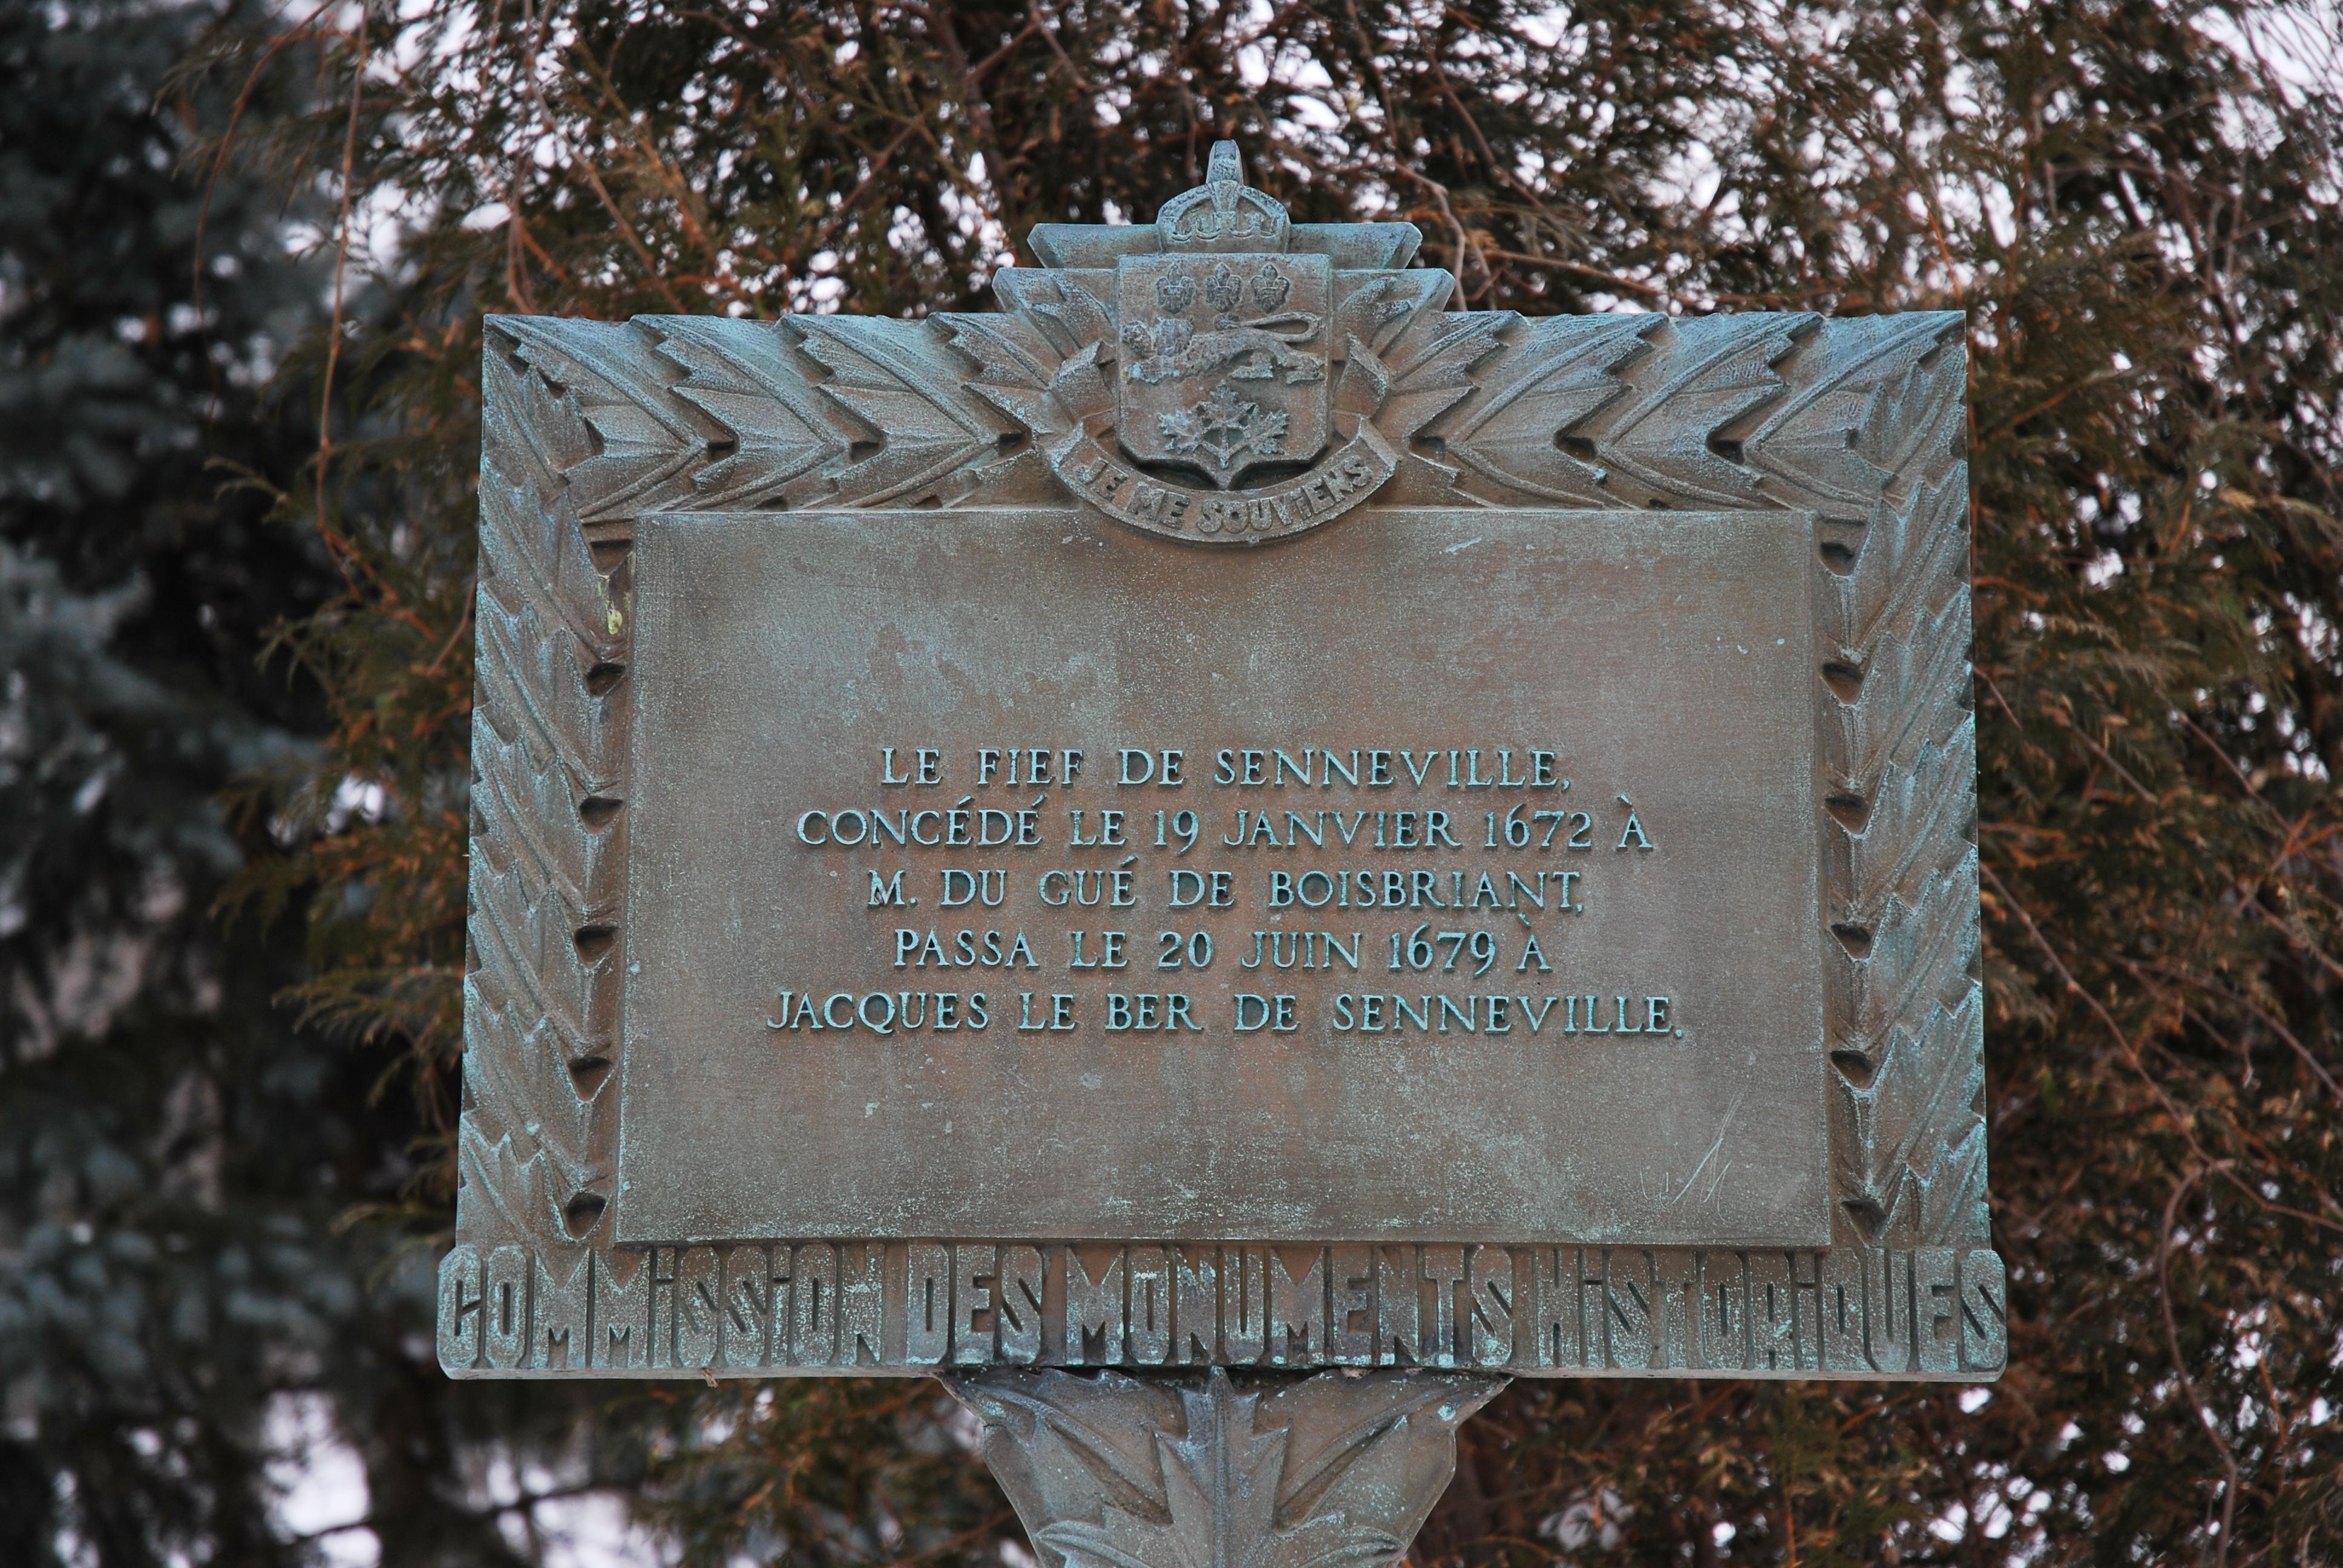 """Plaque commémorative sur laquelle on peut lire """"Le fief de Senneville, concédé le 19 janvier 1672 à M. Du Gué de Boisbriant, passa le 20 juin 1679 à Jacques Le Ber de Senneville"""